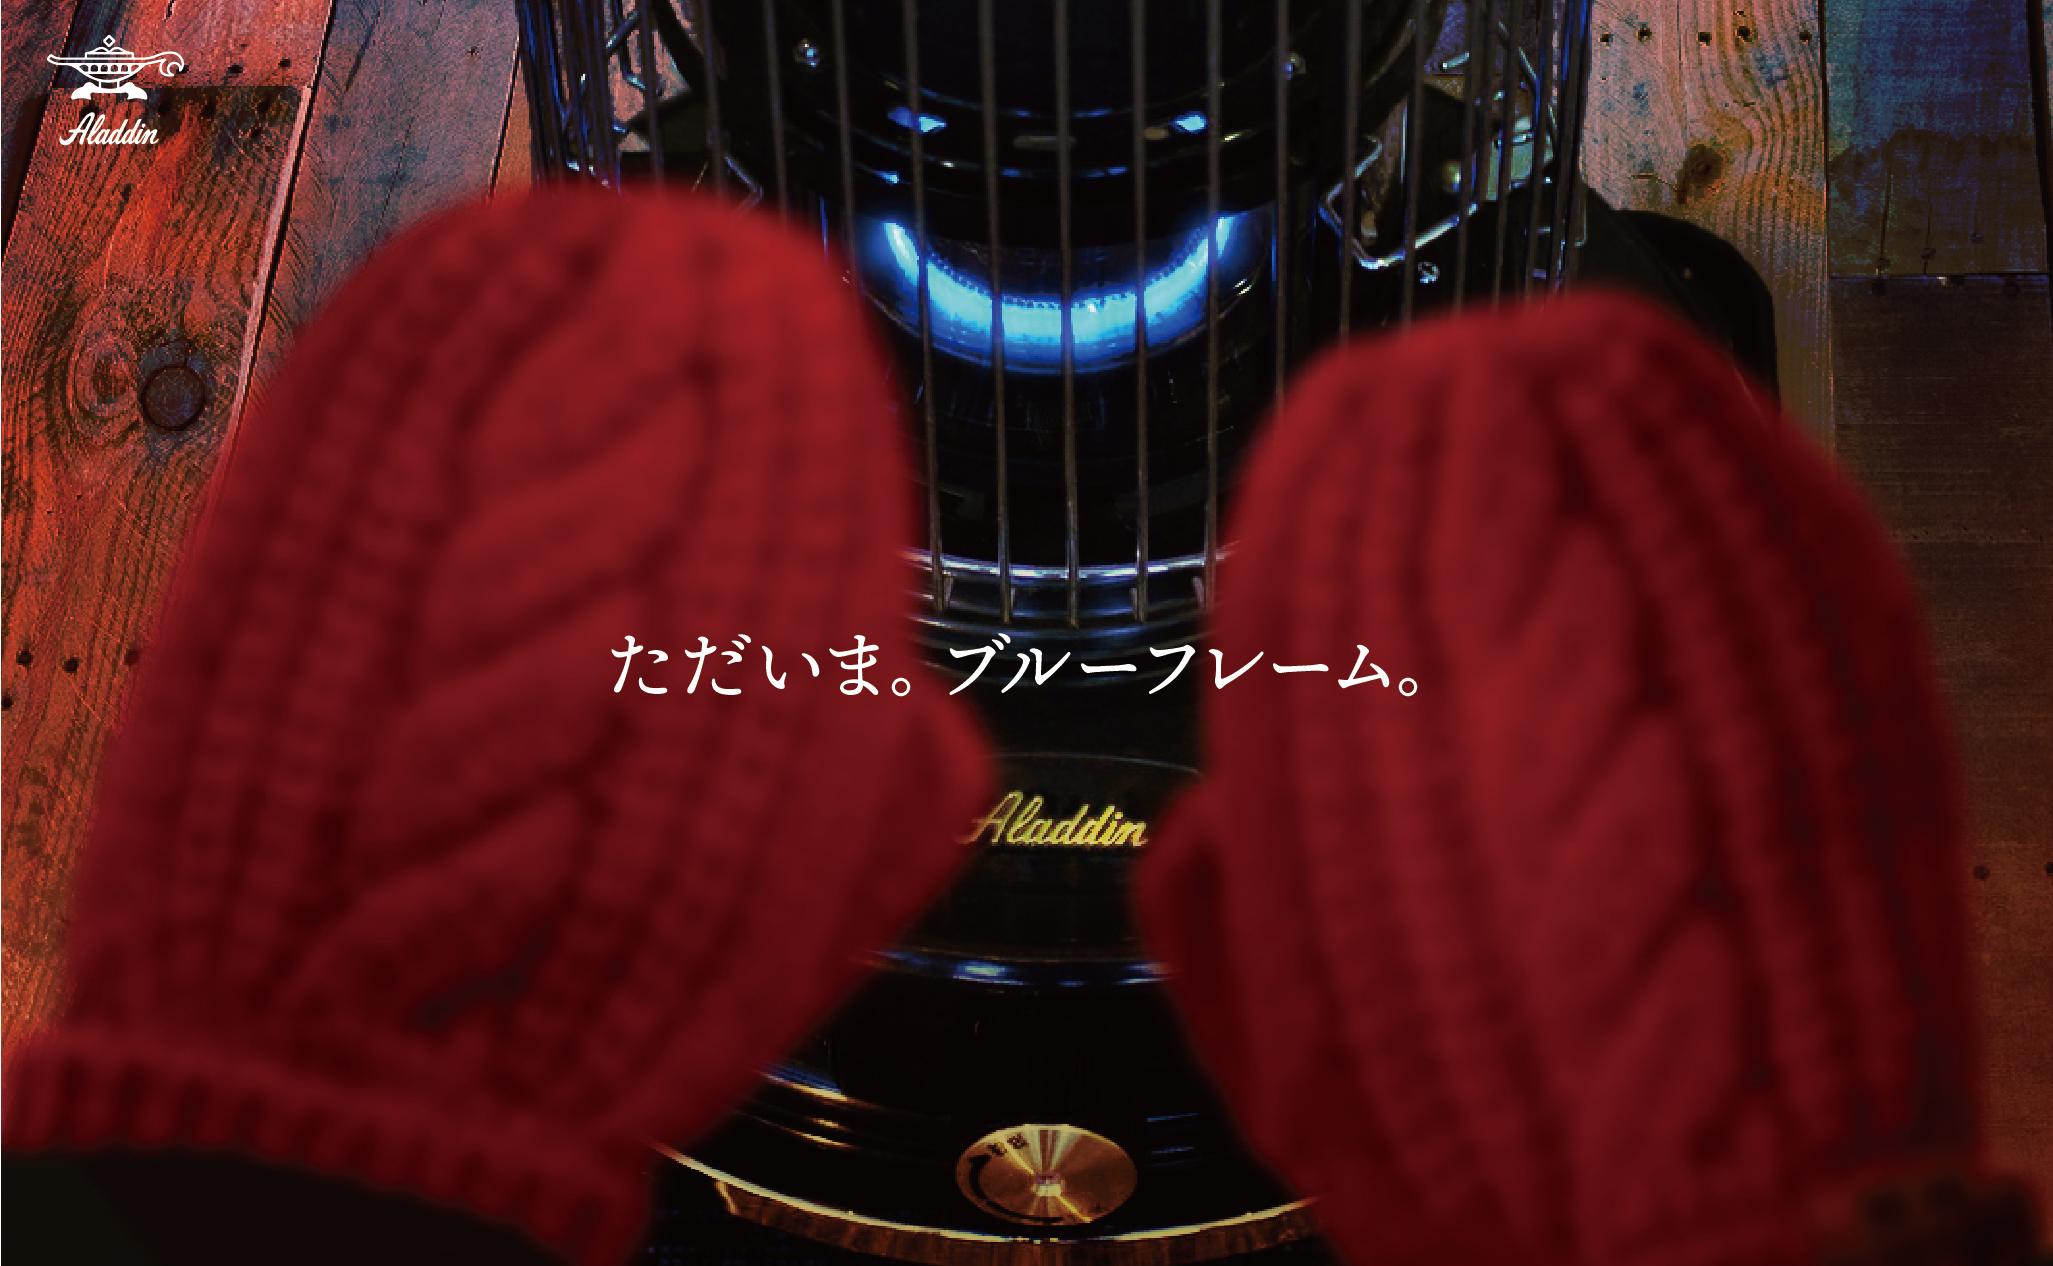 アラジンブルーフレームの広告つくってみた(手袋編)